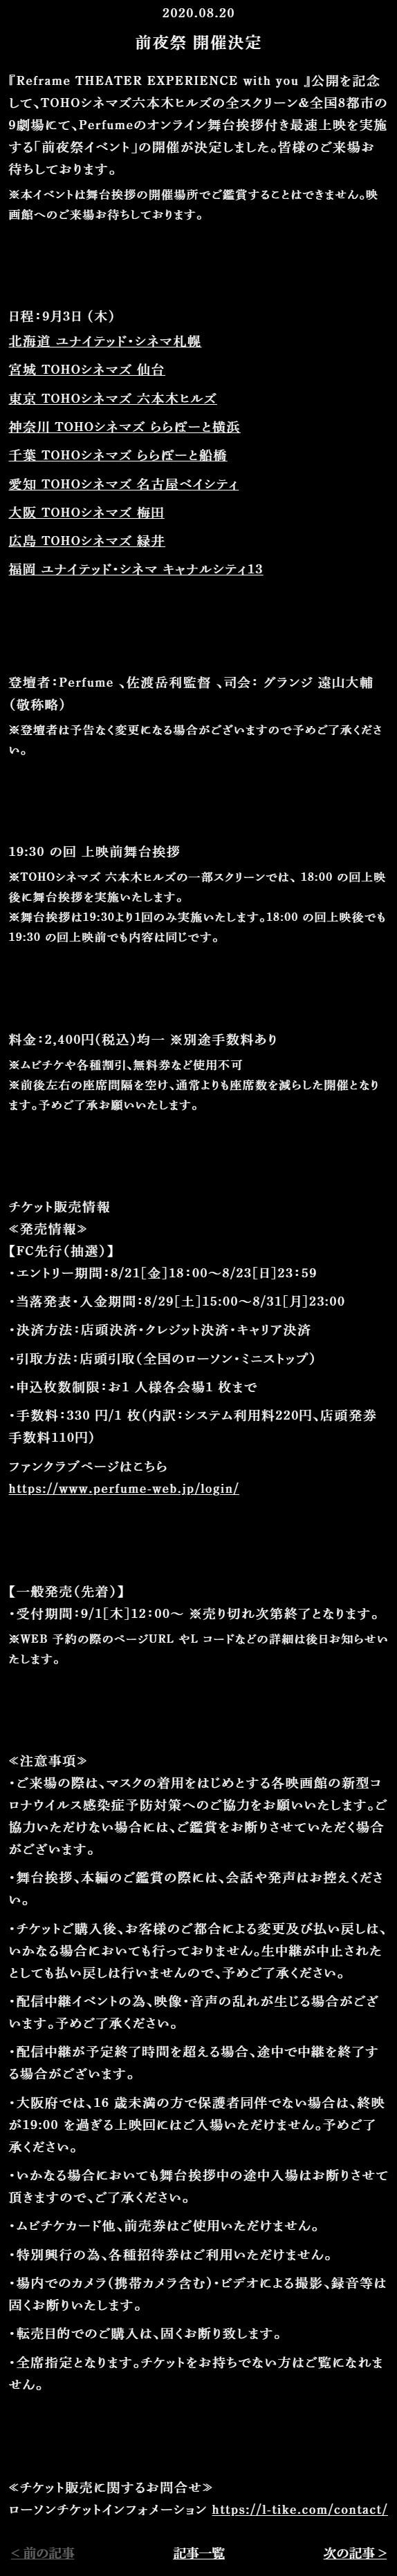 200822_11.jpg